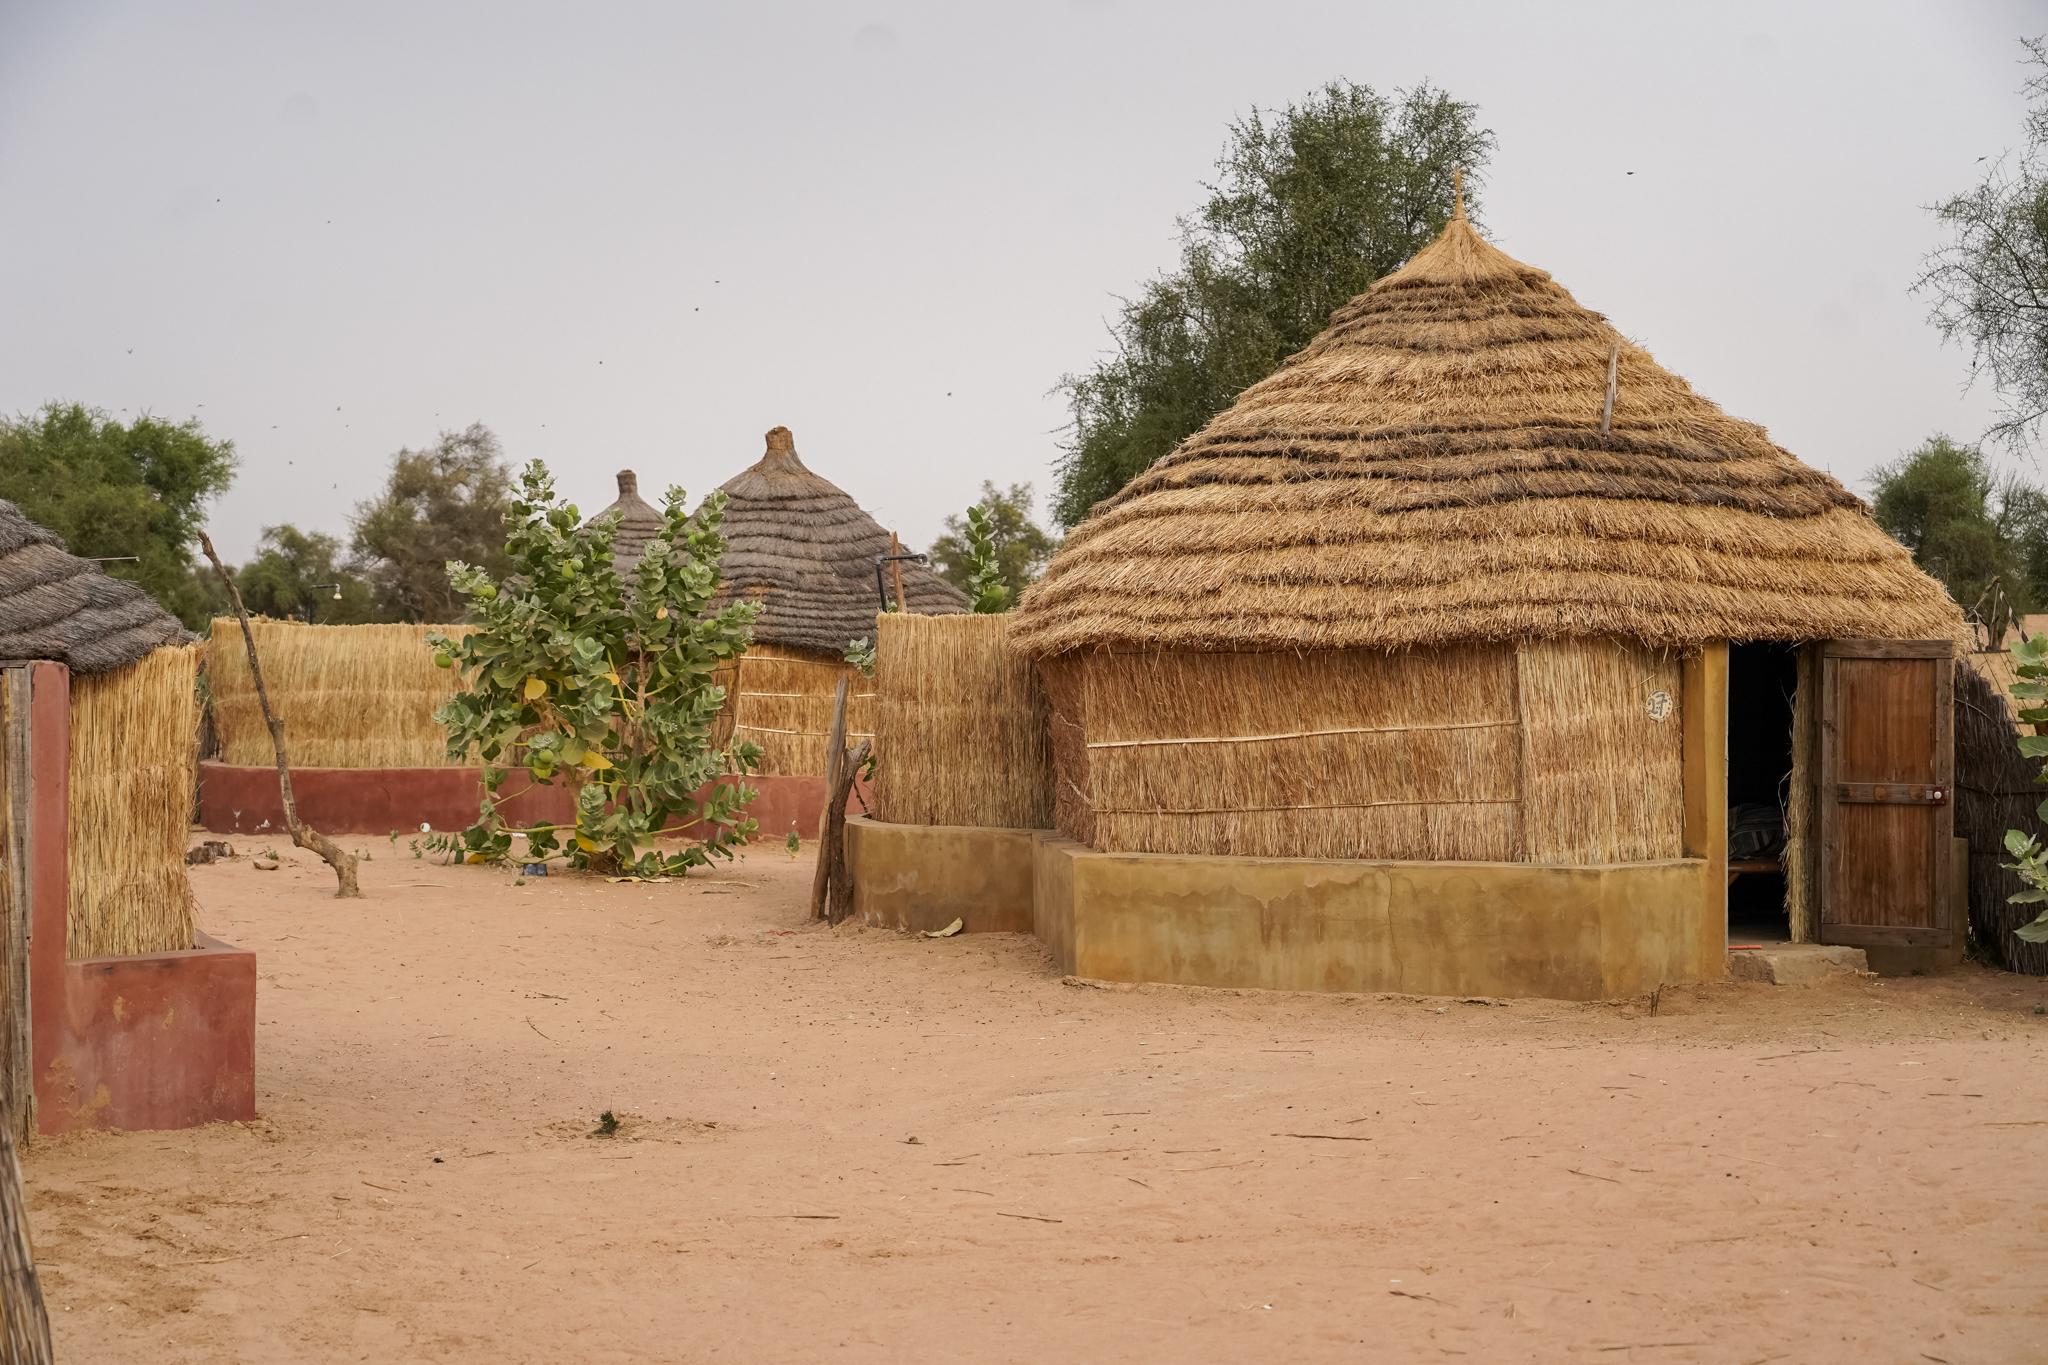 visite-senegal-village-peul-communauté